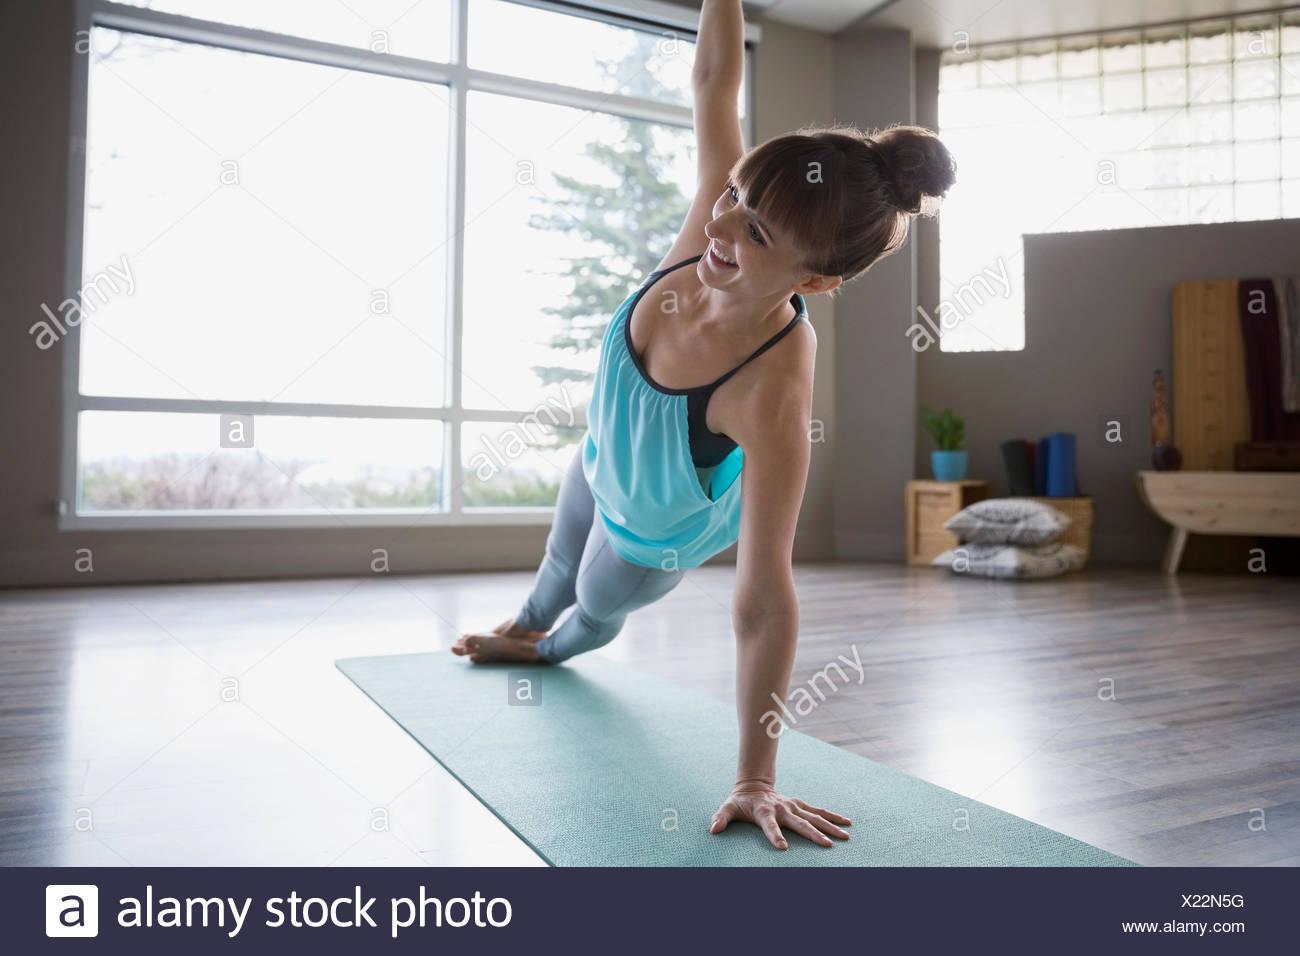 Mujer sonriente practicando yoga en el lado de la postura de la tabla Imagen De Stock